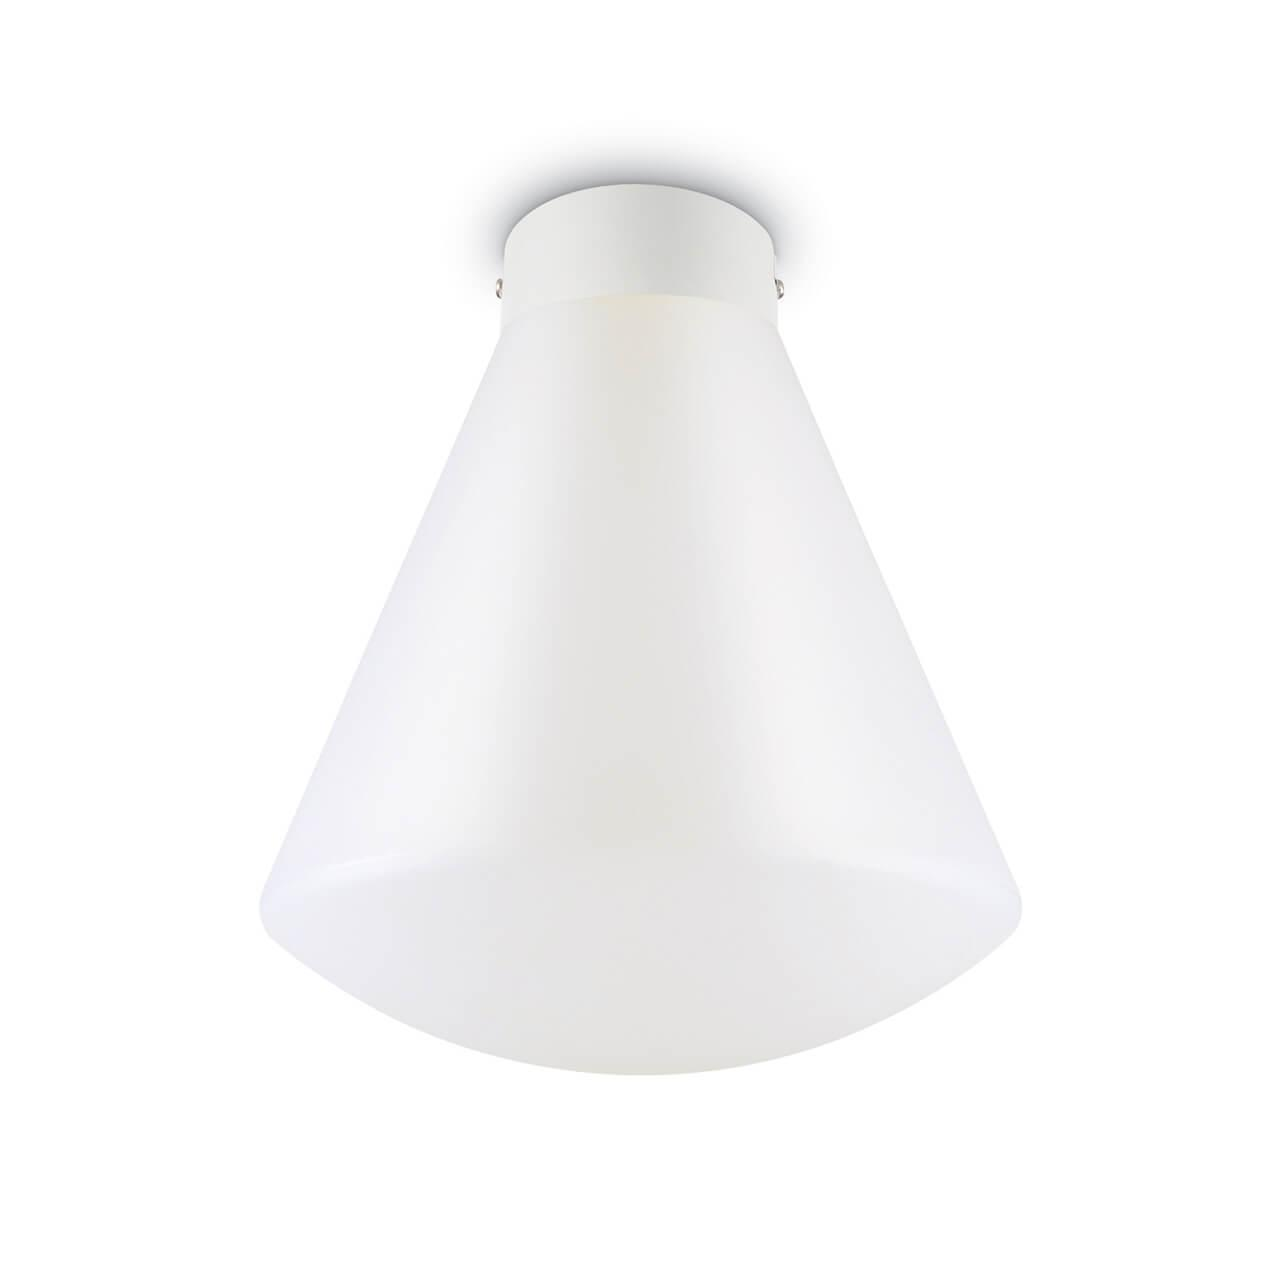 Уличный светильник Ideal Lux Ouverture PL1 Bianco